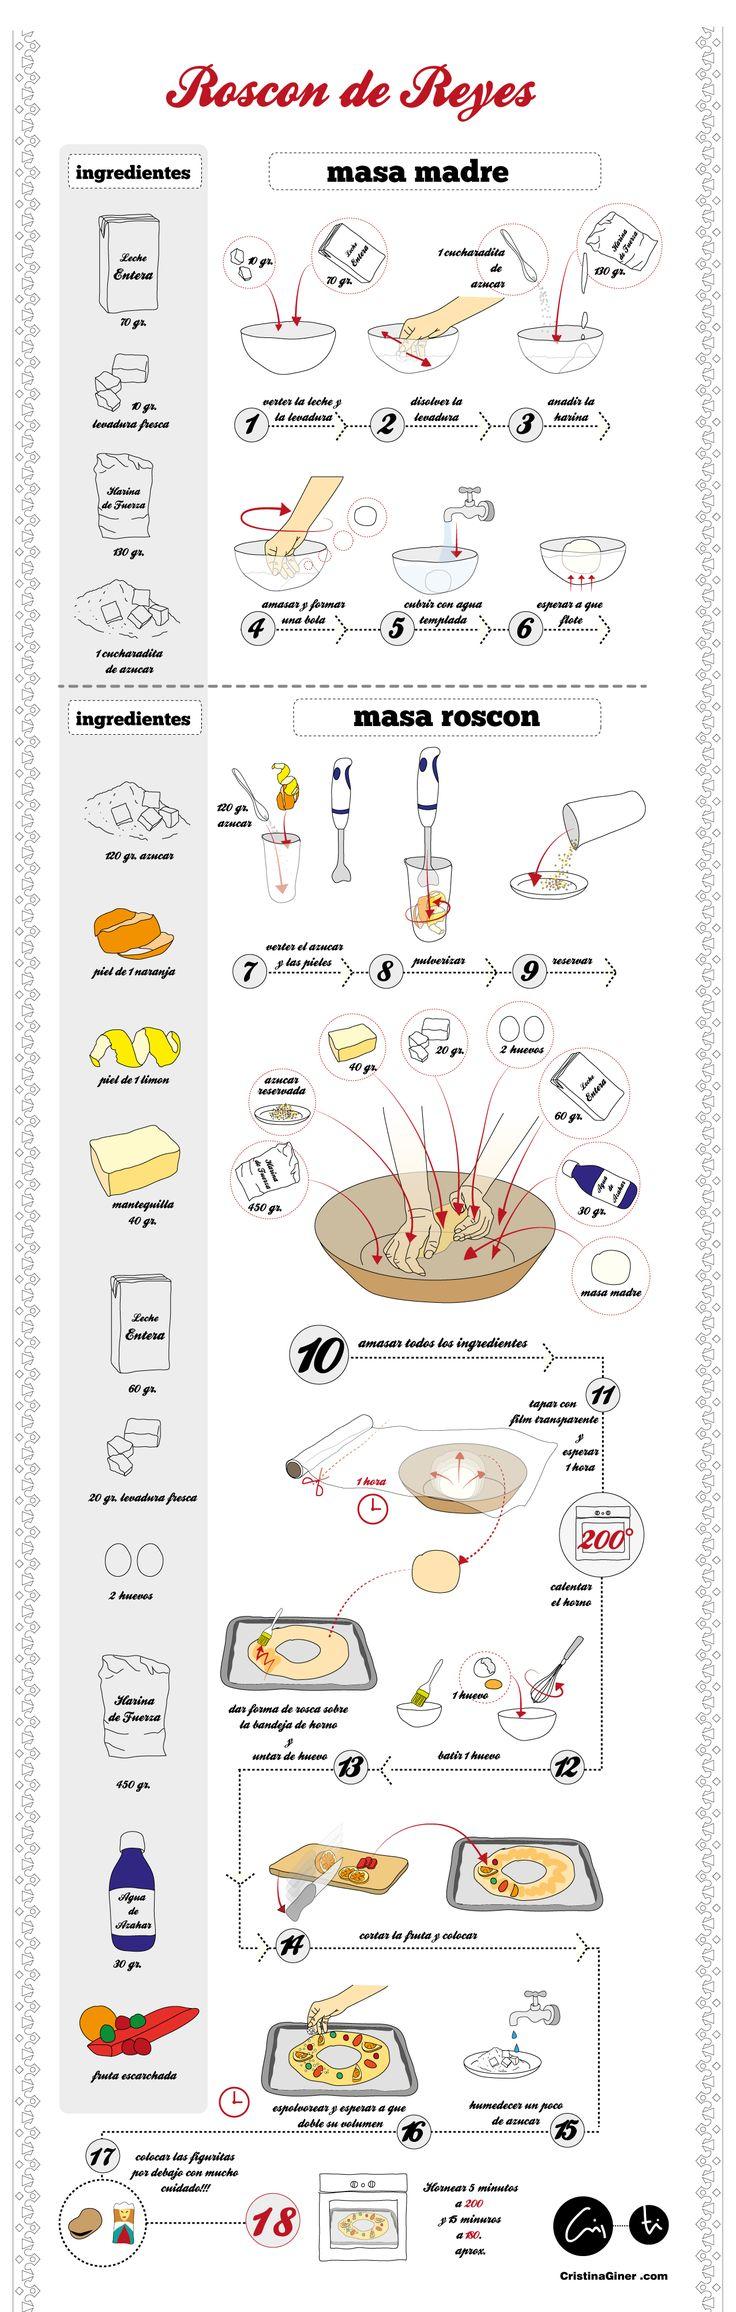 Infografía: Receta del roscón de Reyes de alfredovela, vía infografiasencastellano.com